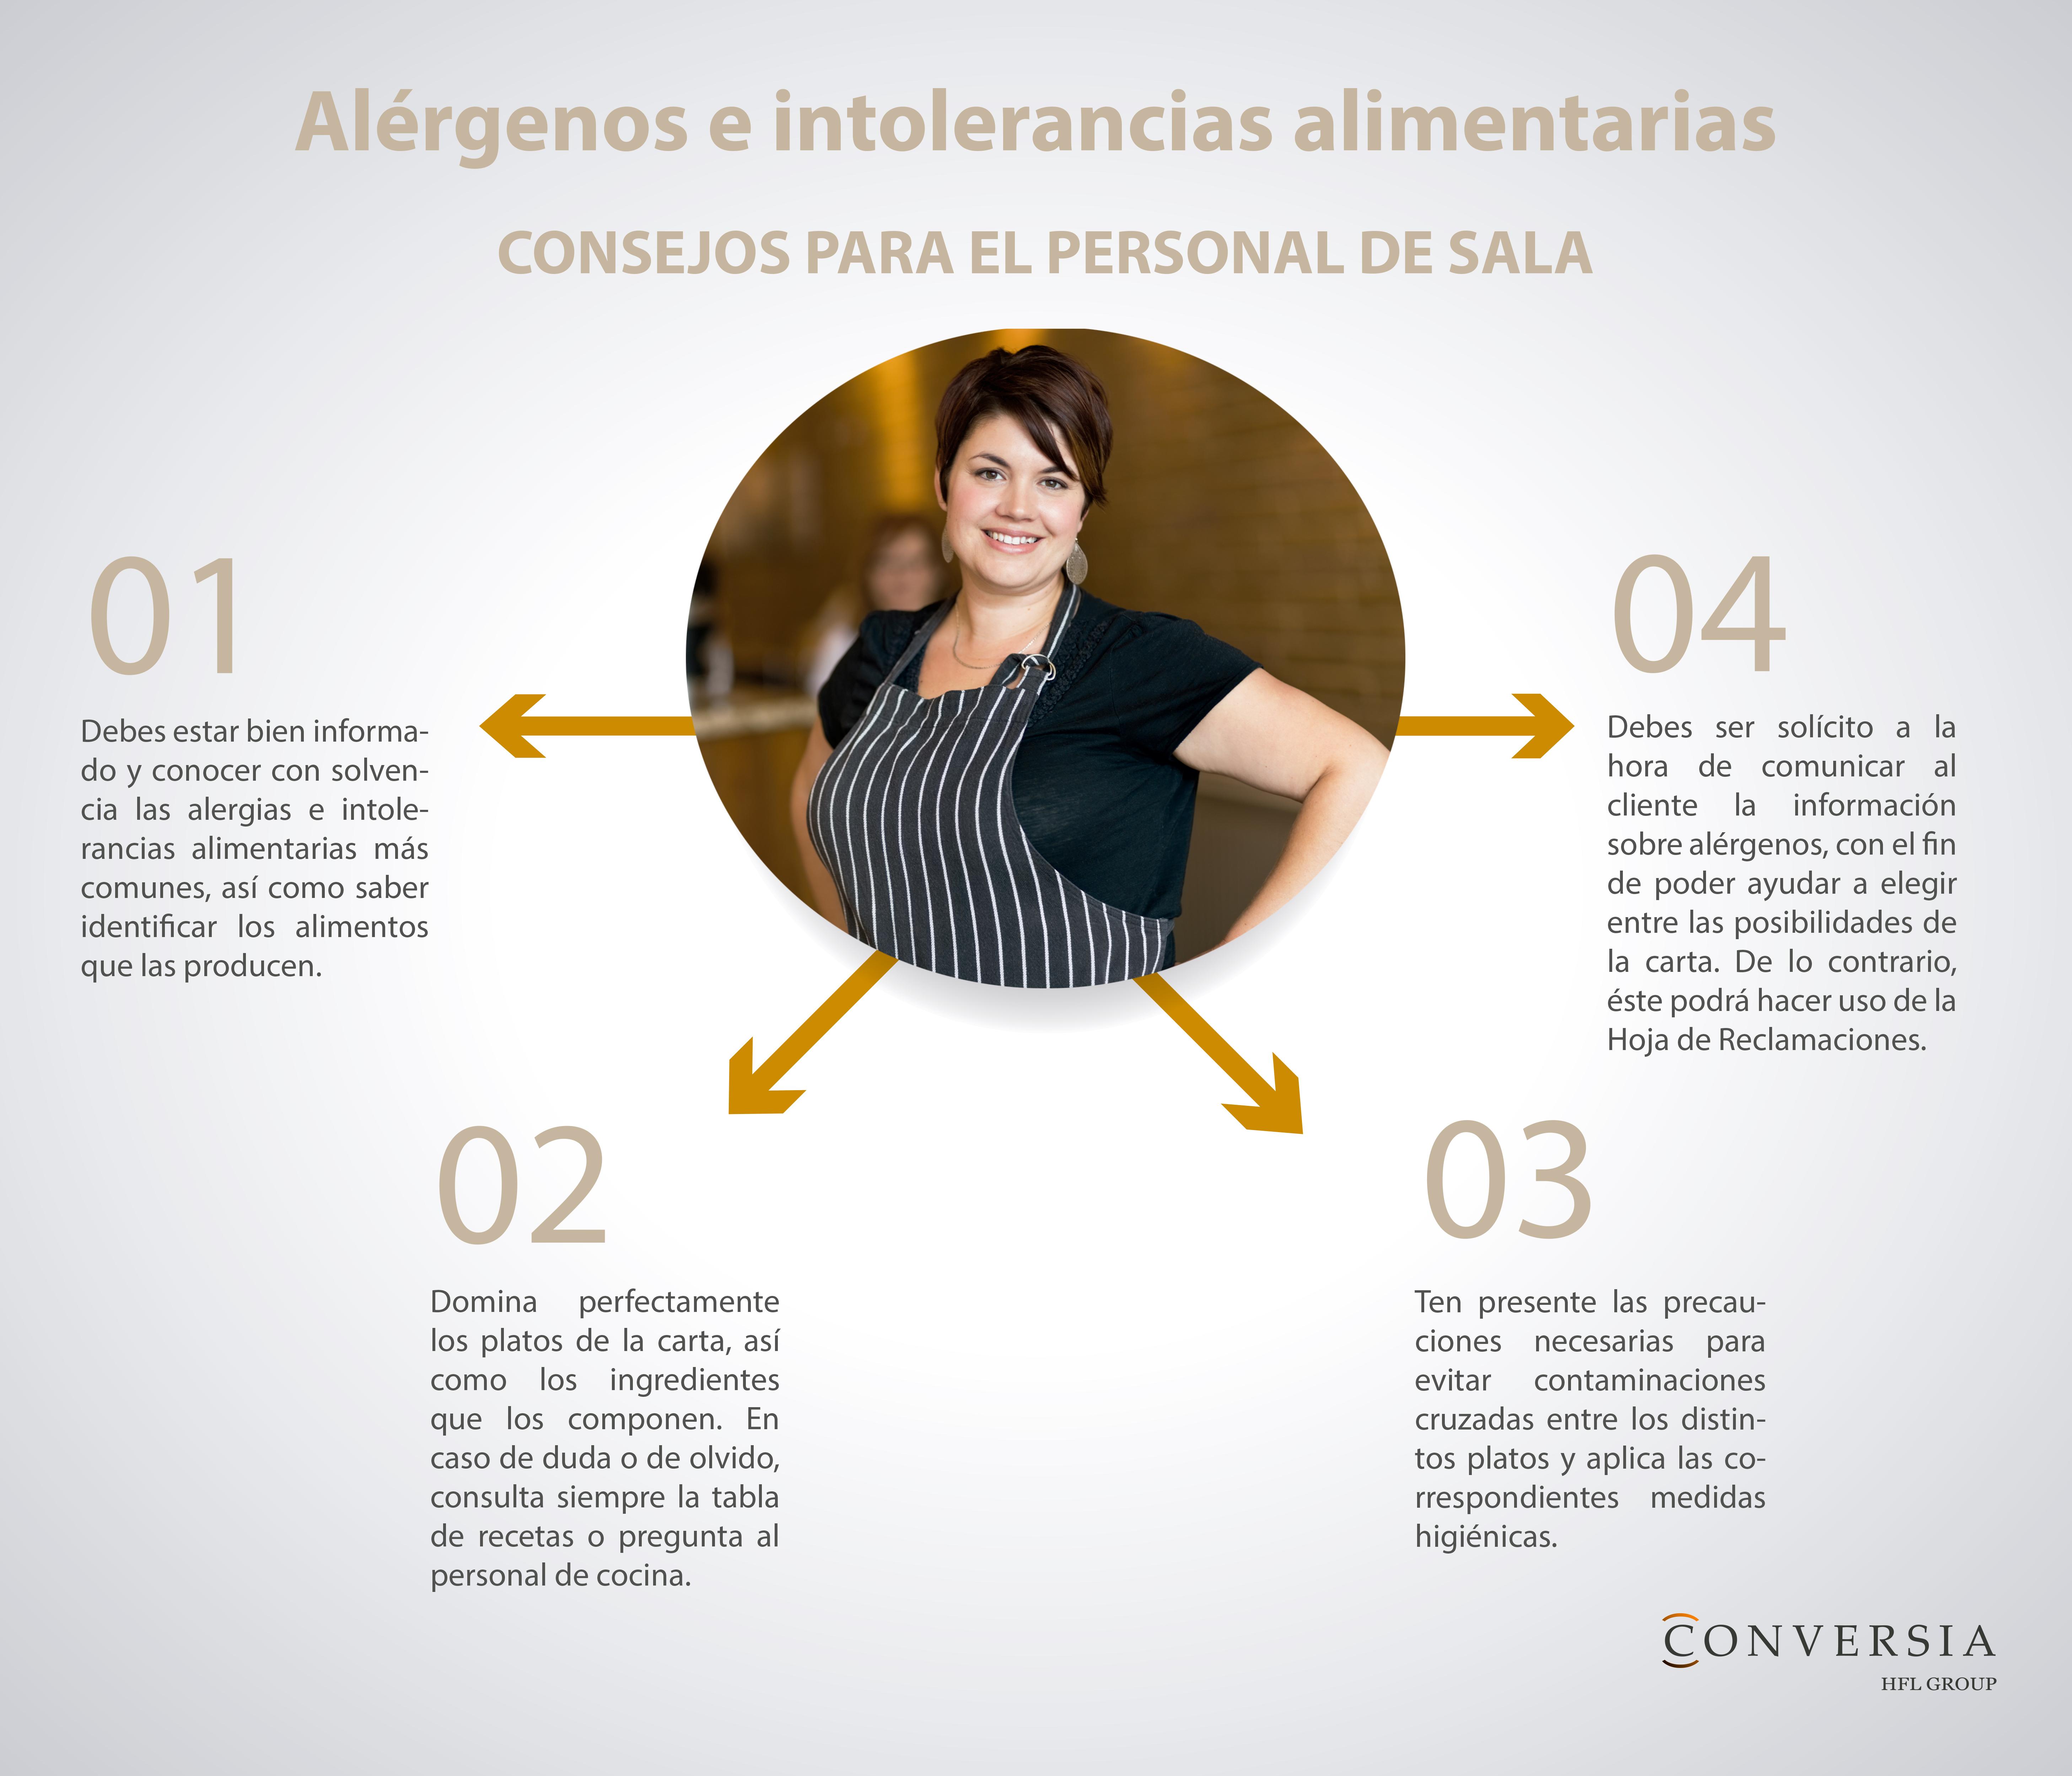 Infografía de Conversia sobre consejos para el personal de sala acerca alérgenos e intolerancias alimentarias